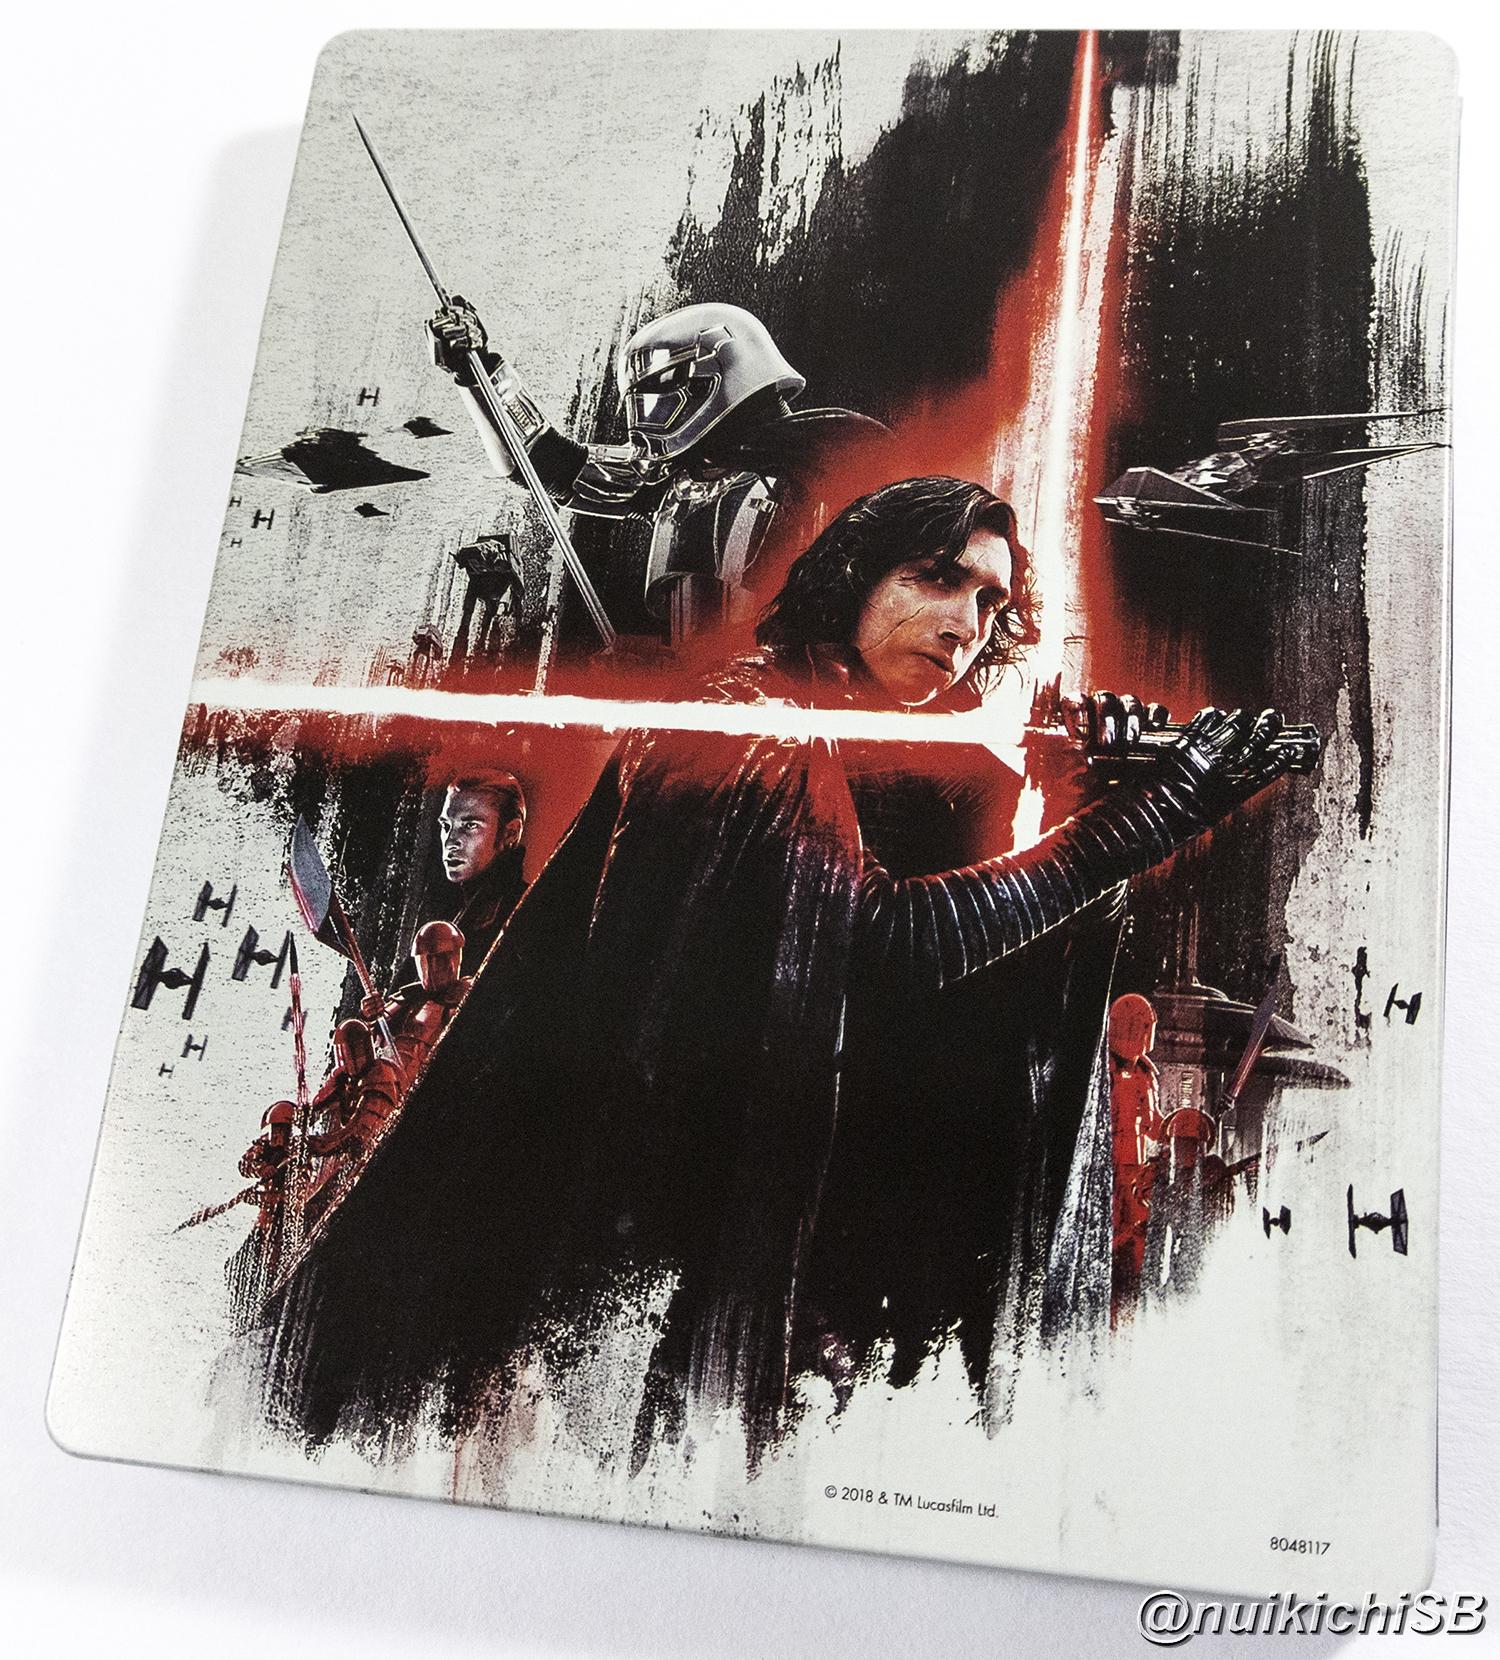 スター・ウォーズ/最後のジェダイ BEST BUY スチールブック Star Wars: The Last Jedi usa steelbook